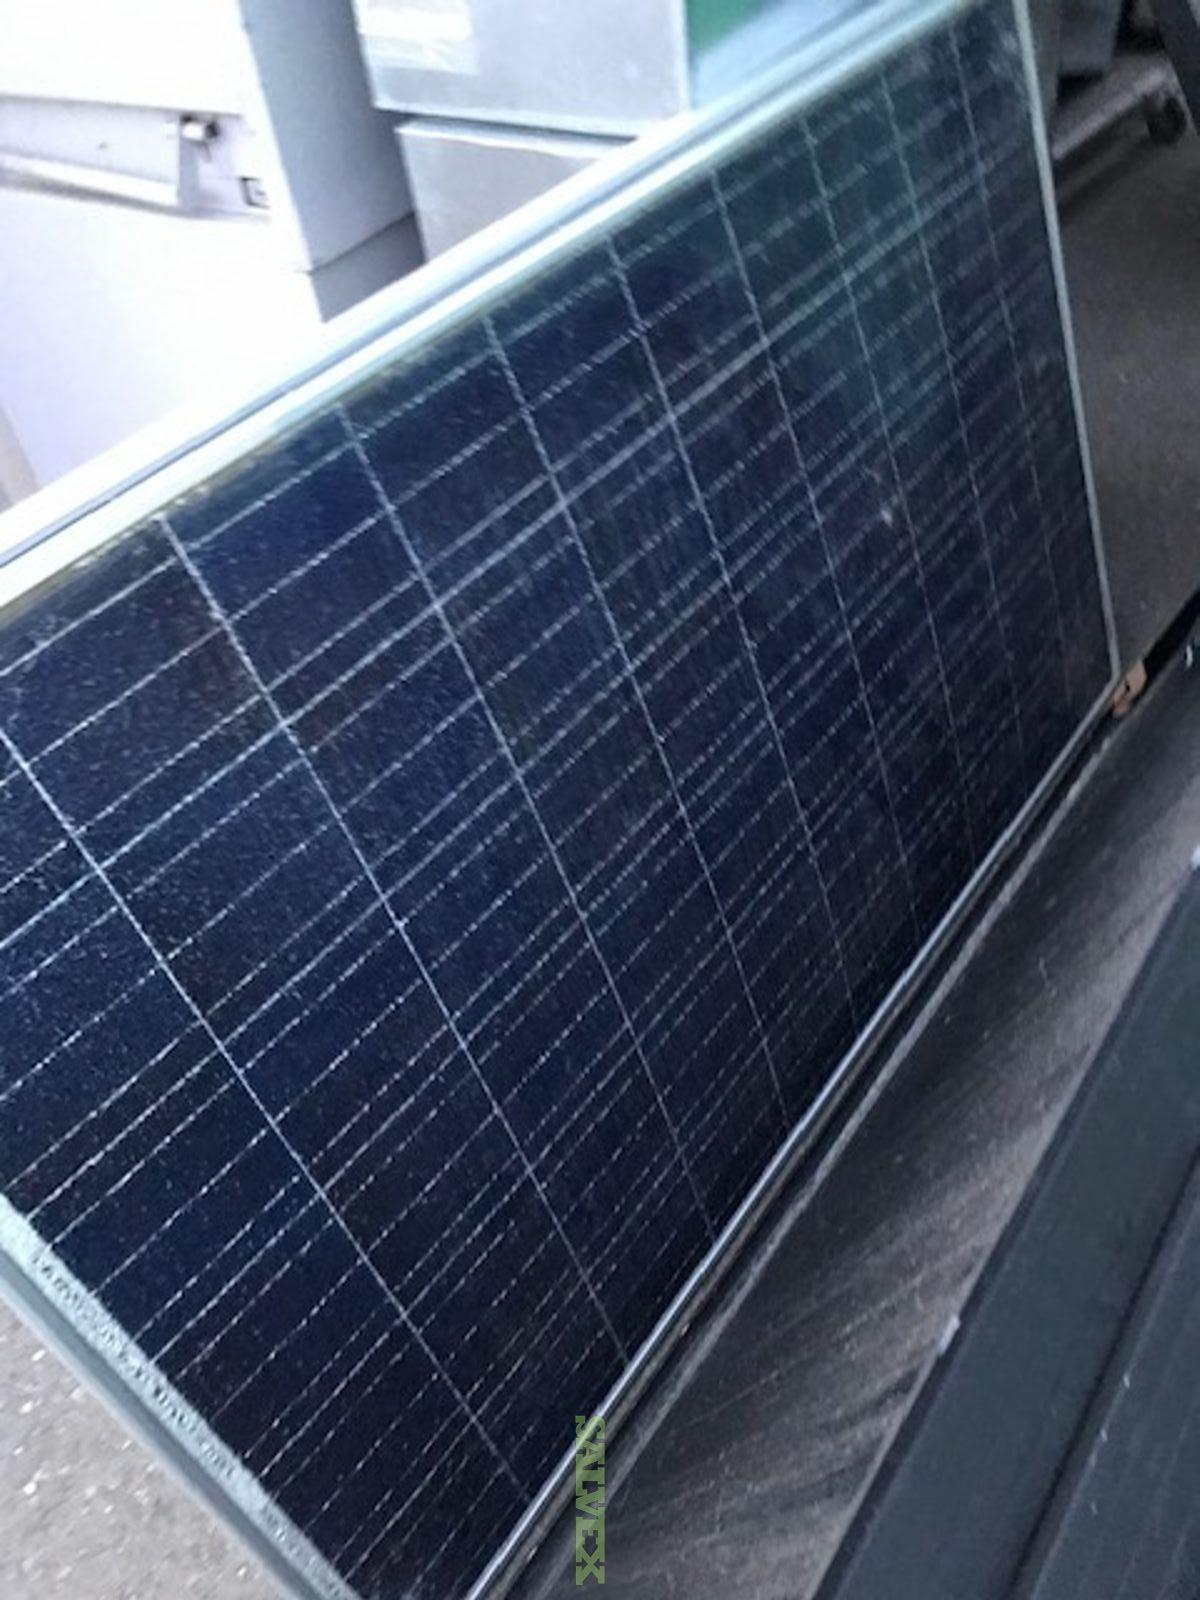 Solar Panels - Damaged/Broken (27 Panels)